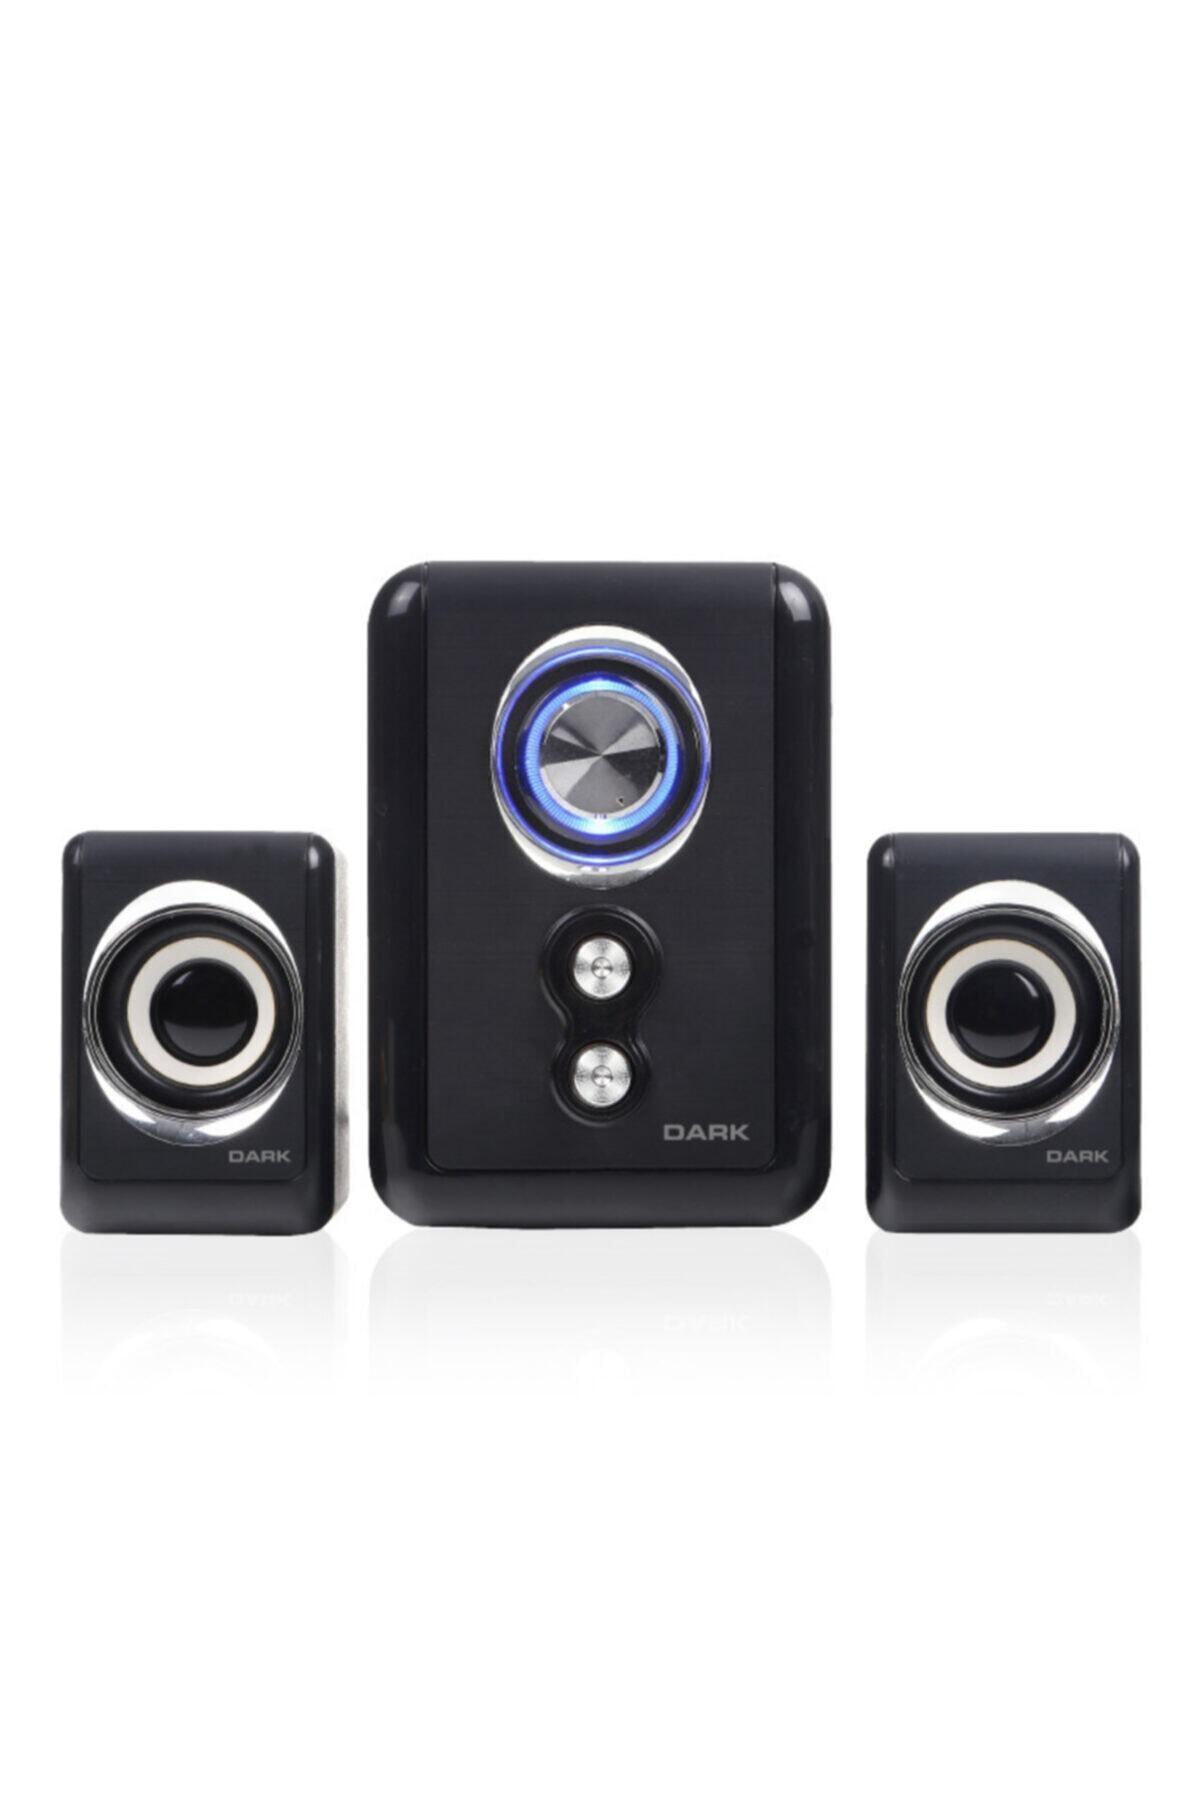 Spk Dk-ac-sp211 +1 Multimedia Usb Speaker